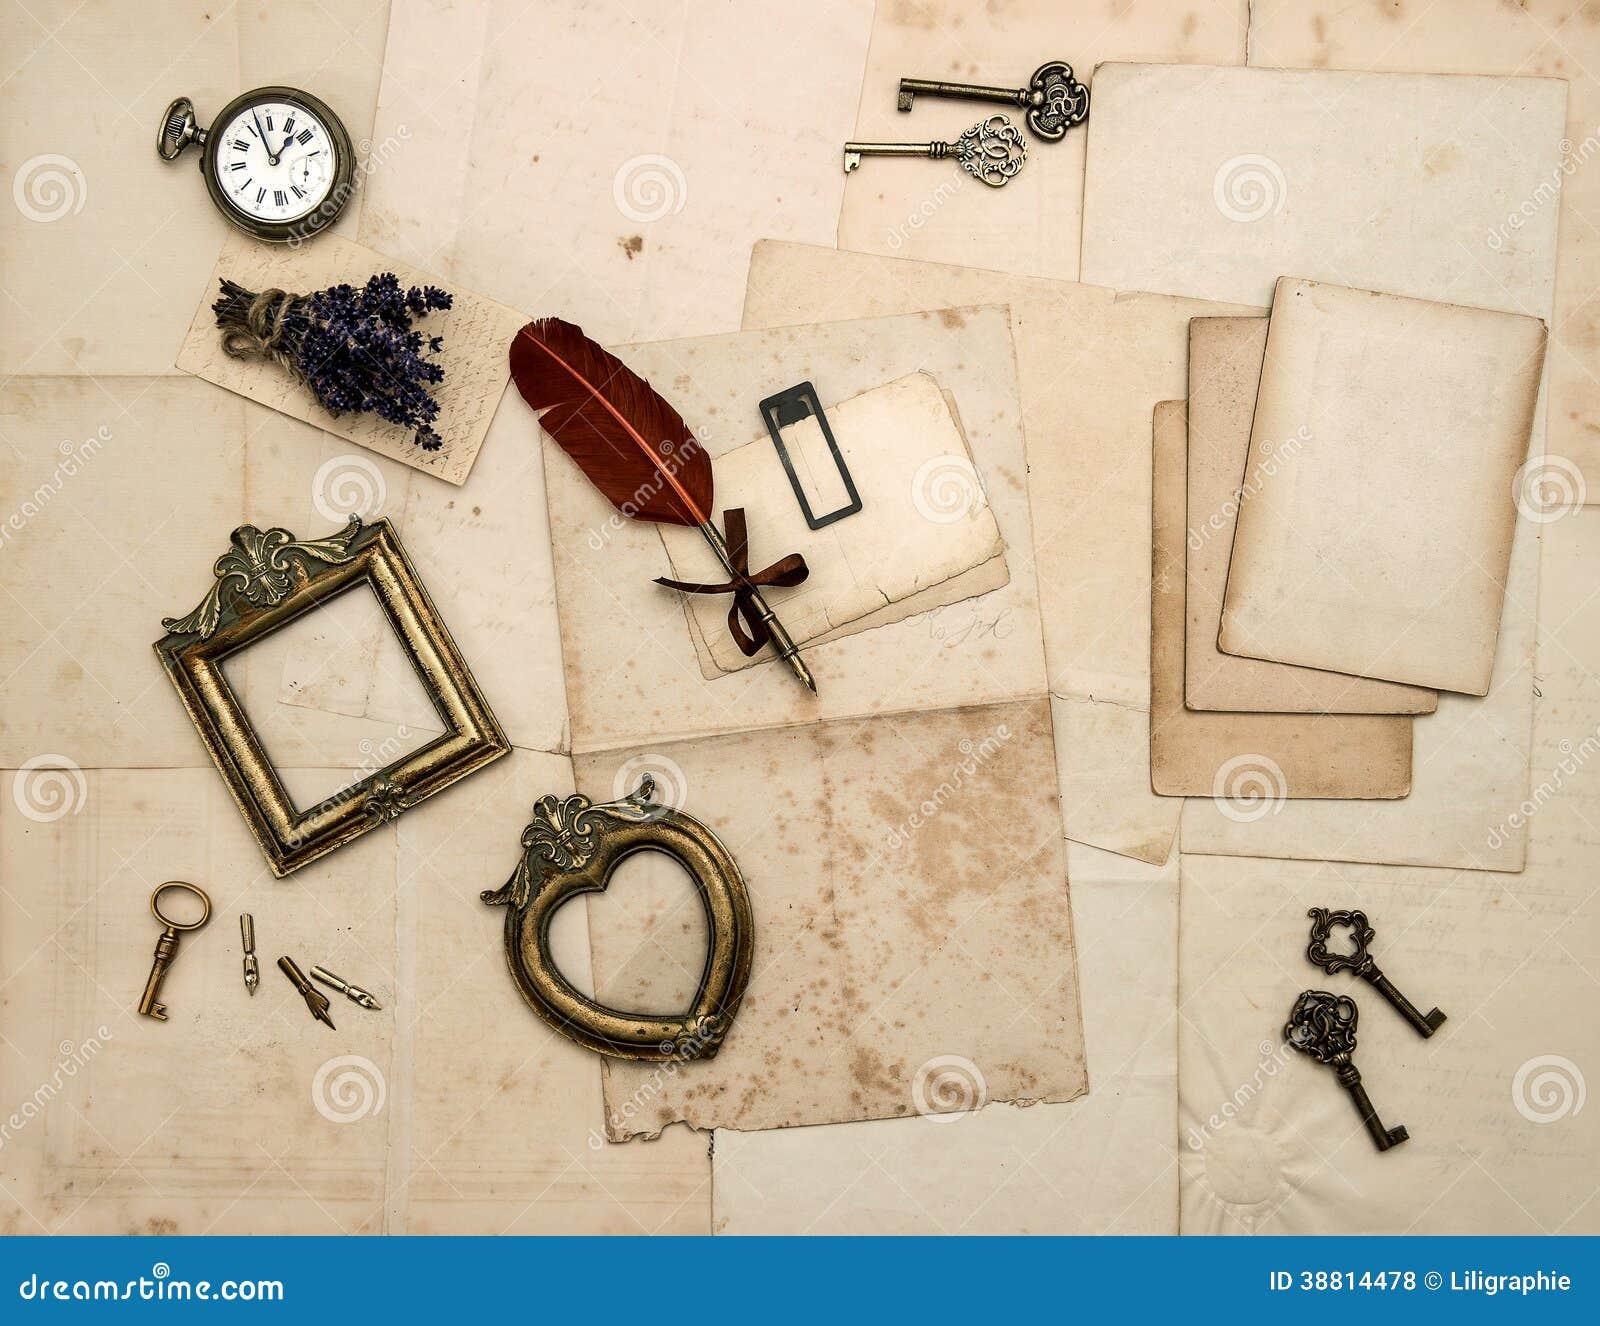 Accessoires de vintage vieilles lettres cadres de photo - Accessoire retro ...